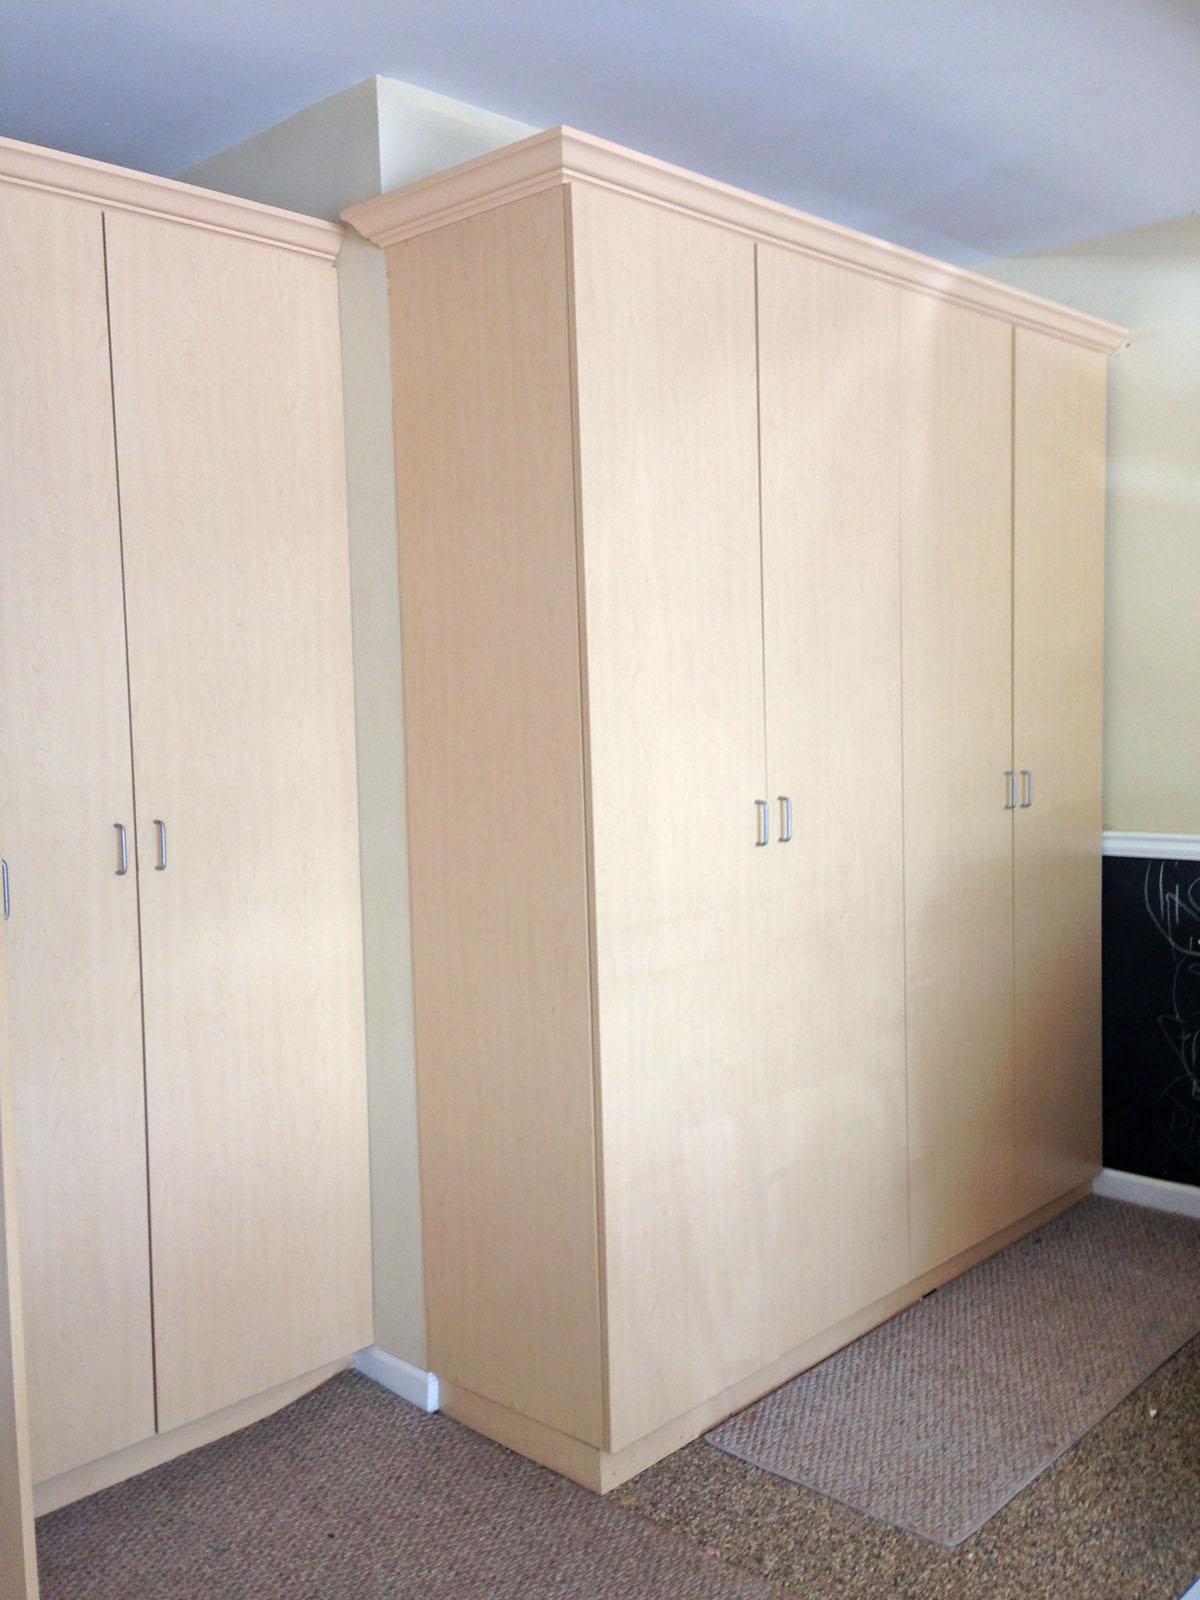 Custom garage cabinets storage work bench georgia closet - Simple garage storage cabinets in cool structured design ...